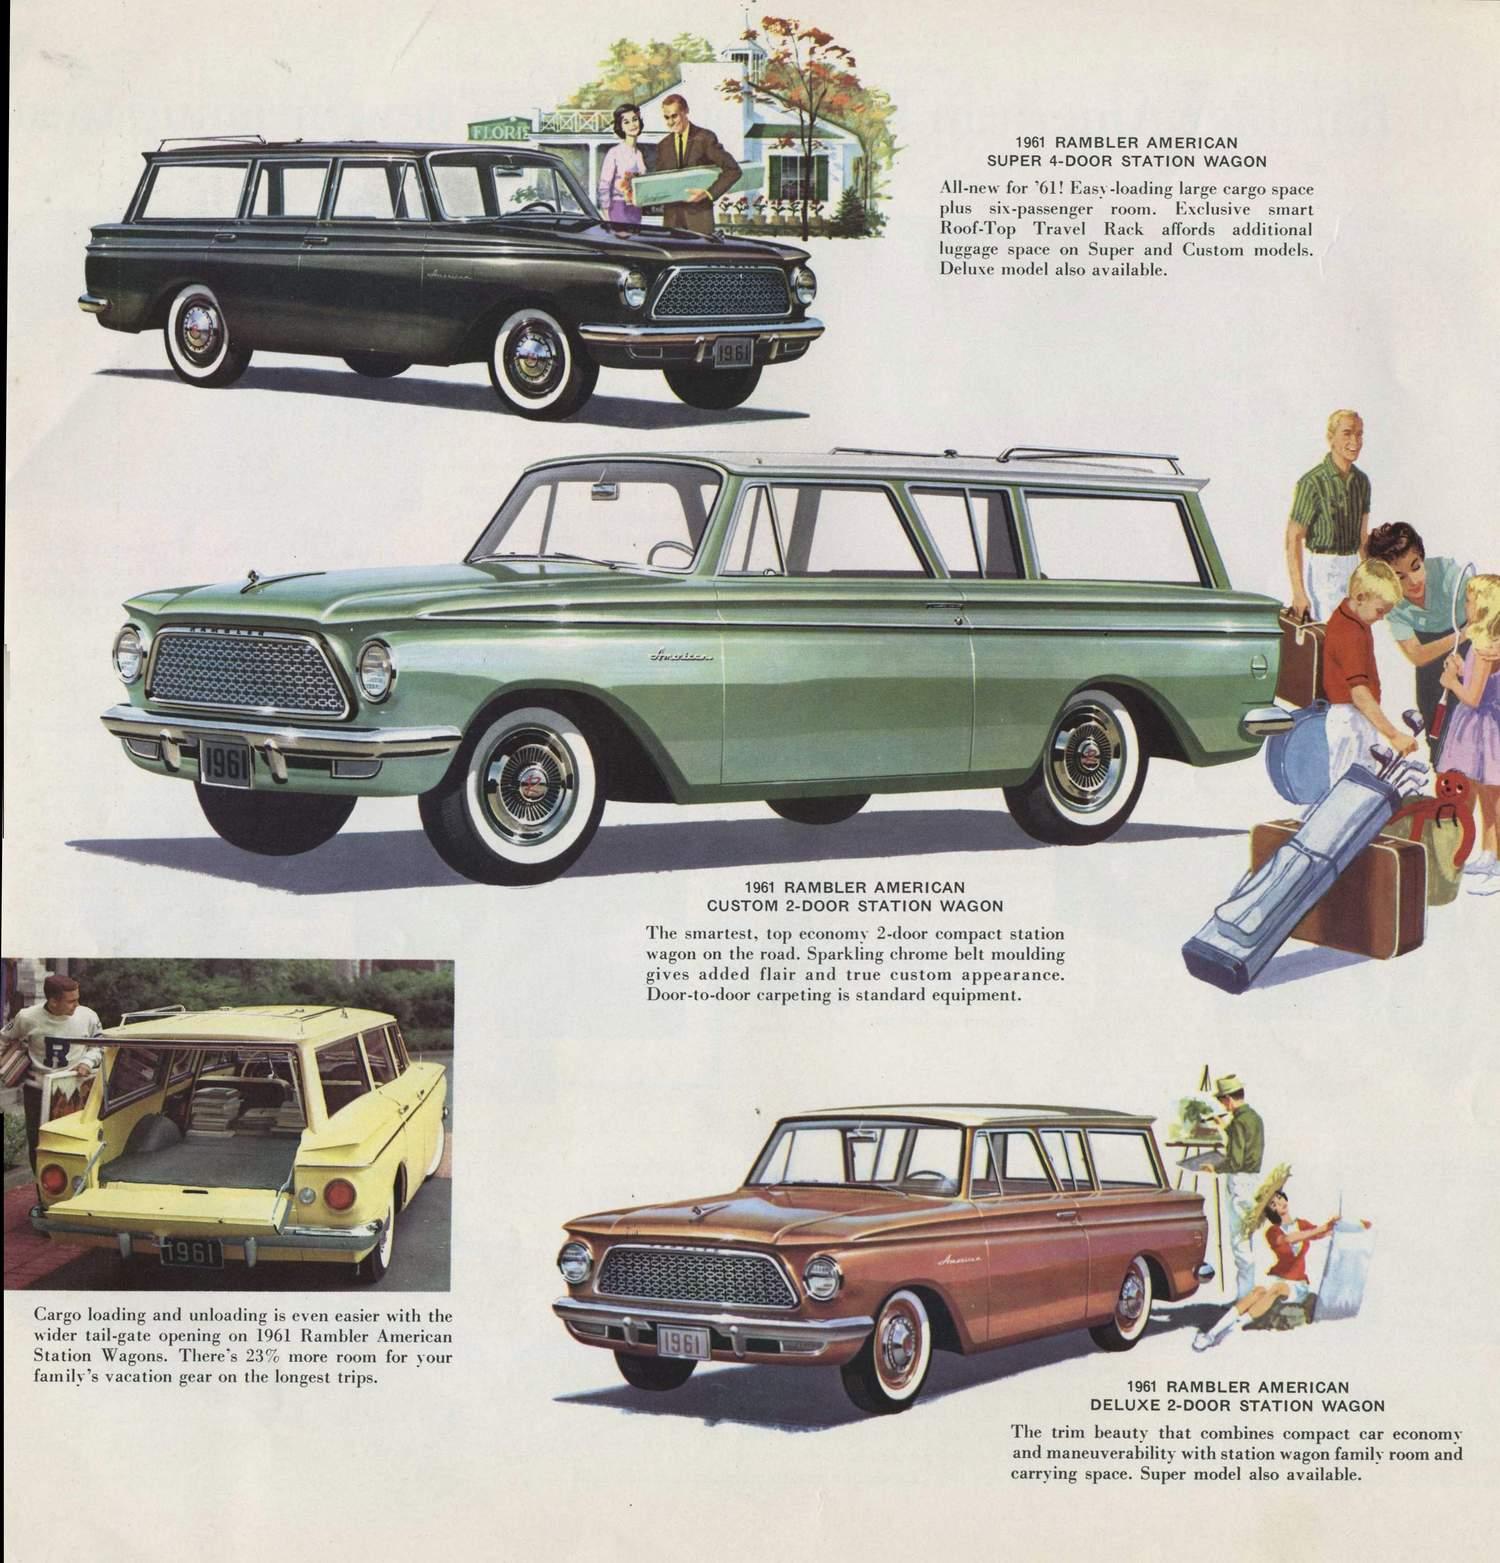 Old Car Dealers >> Image: 1961 Rambler American/1961 Rambler American-06